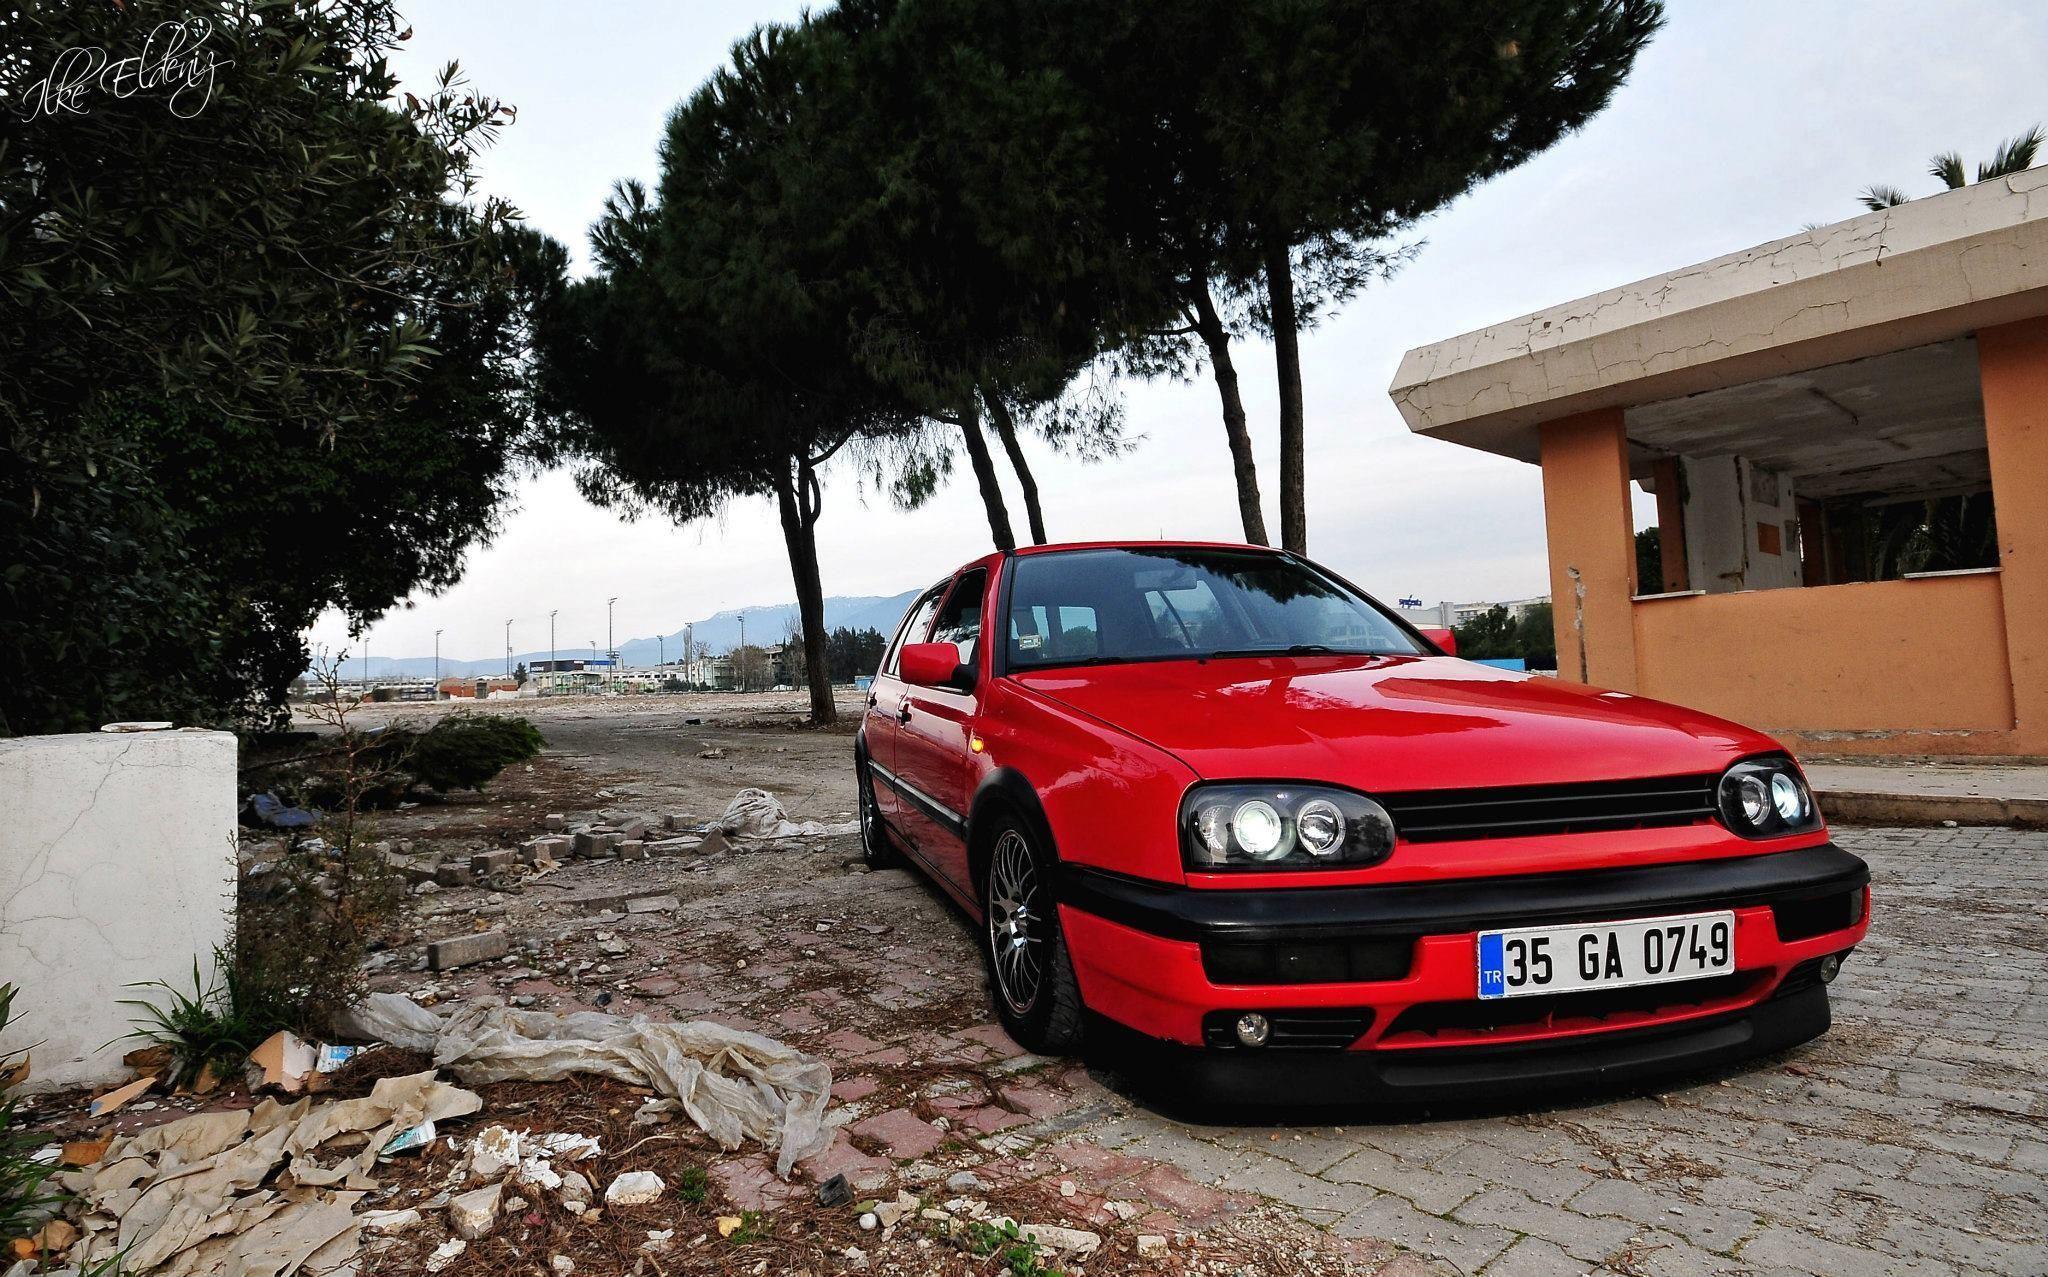 Vw Golf Mk3 Red Vwgolfmk3 Golf Mk3 Vw Golf Vw Golf 3